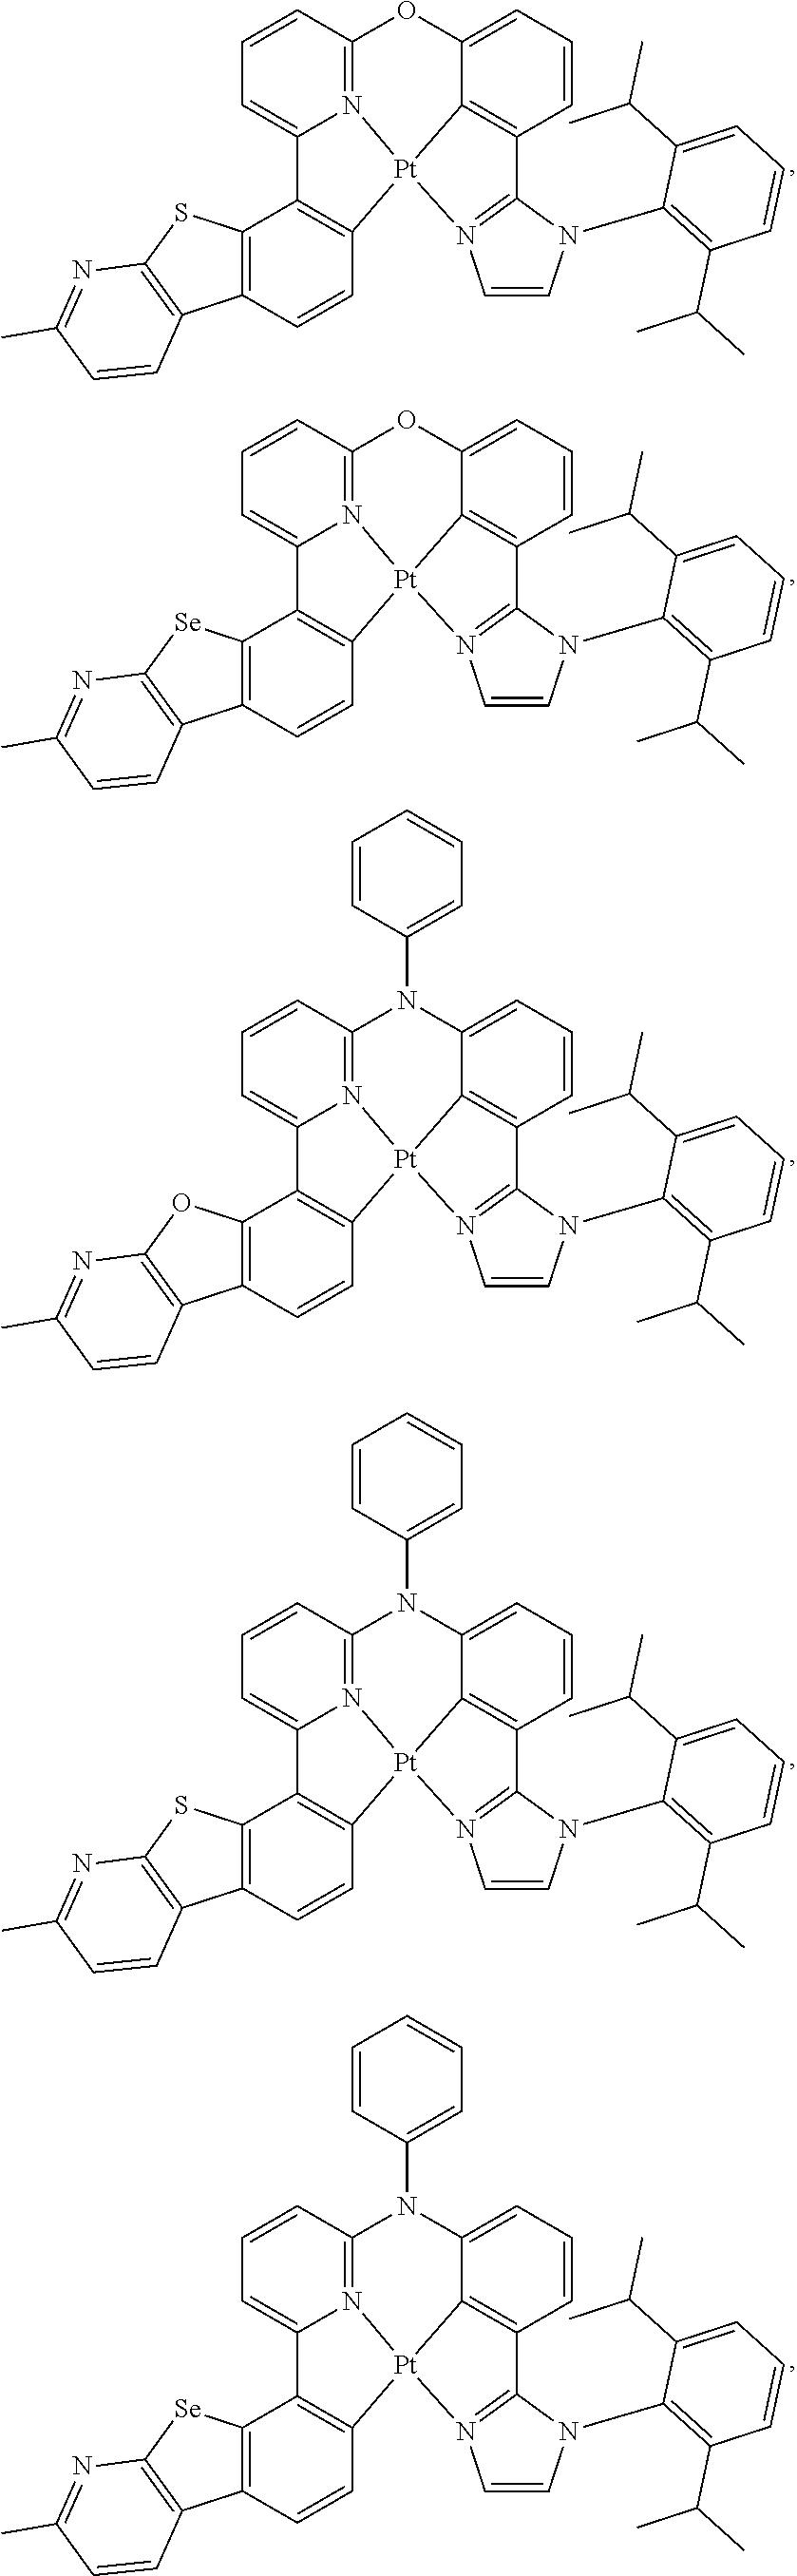 Figure US09871214-20180116-C00023